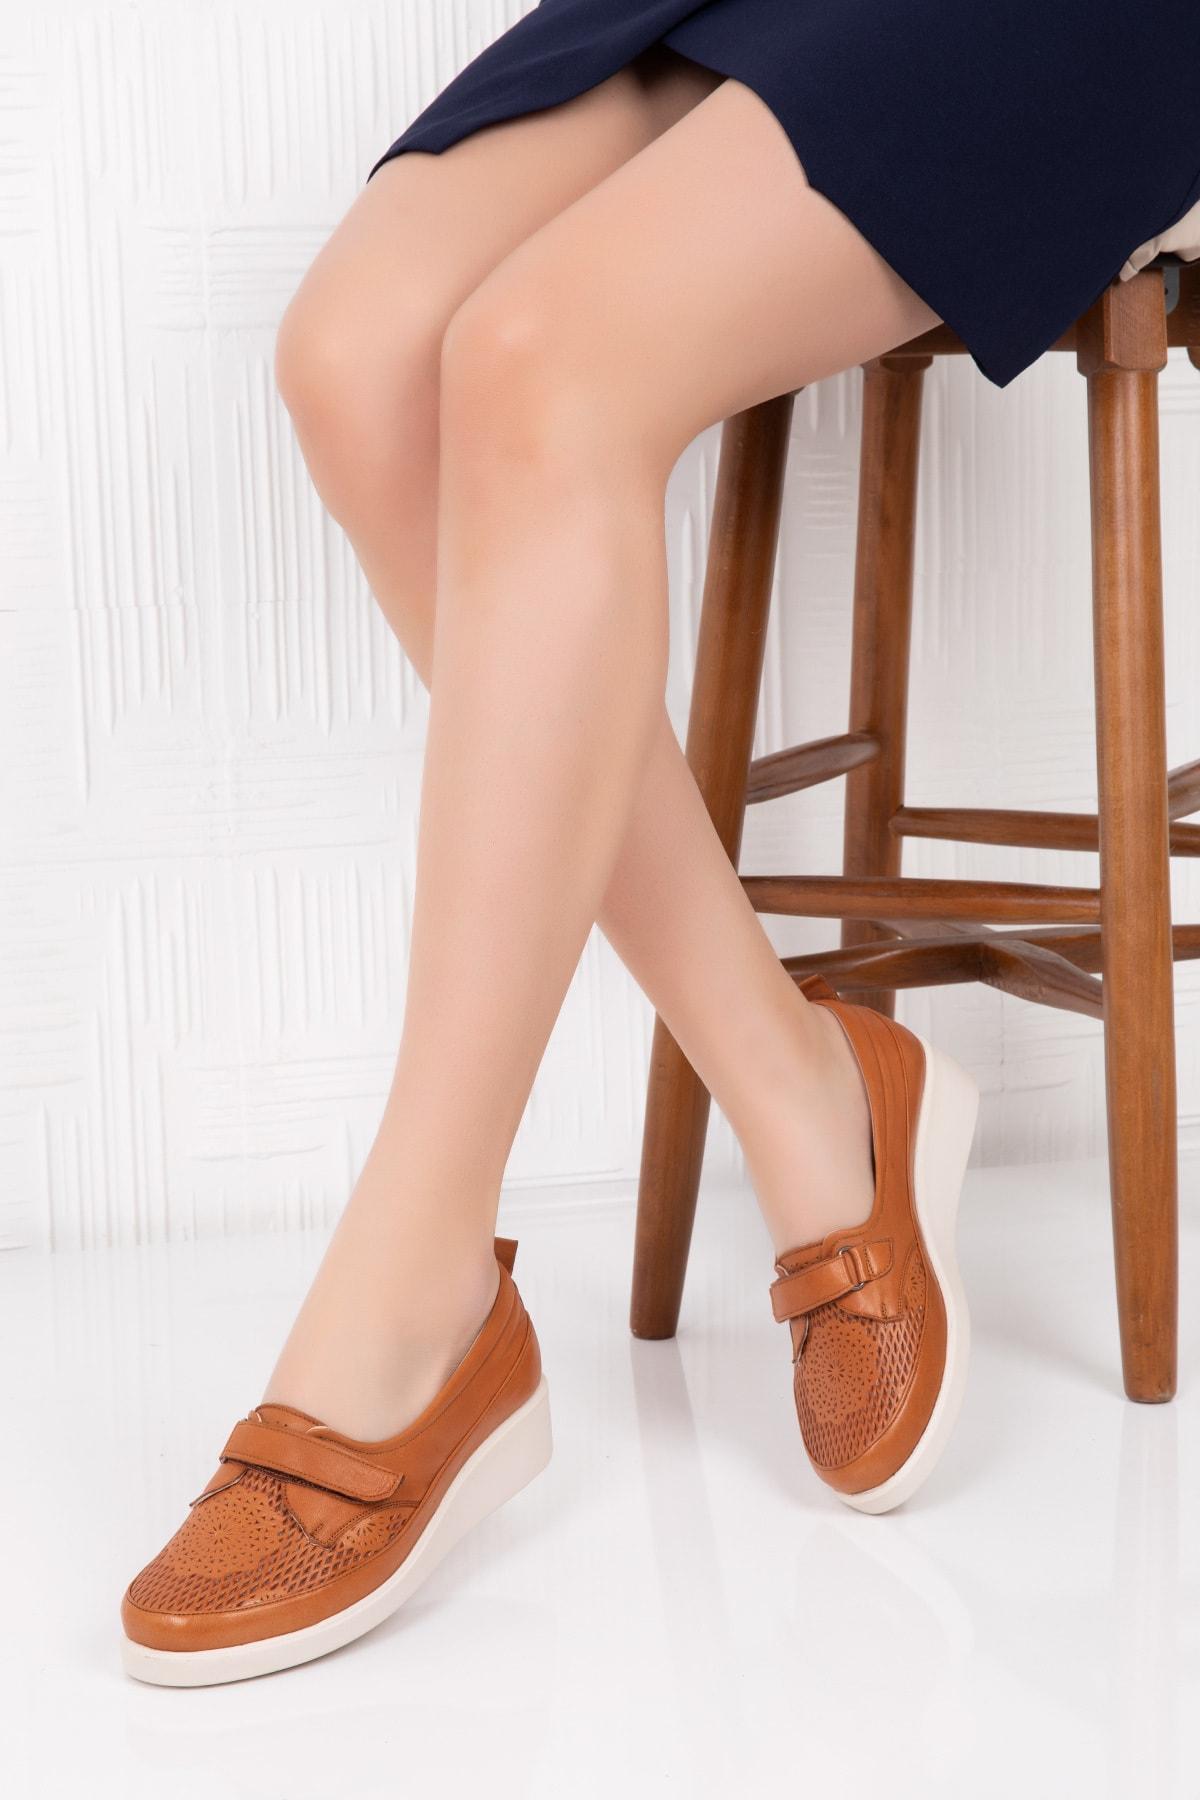 Gondol Hakiki Deri Ortopedik Taban Günlük Ayakkabı